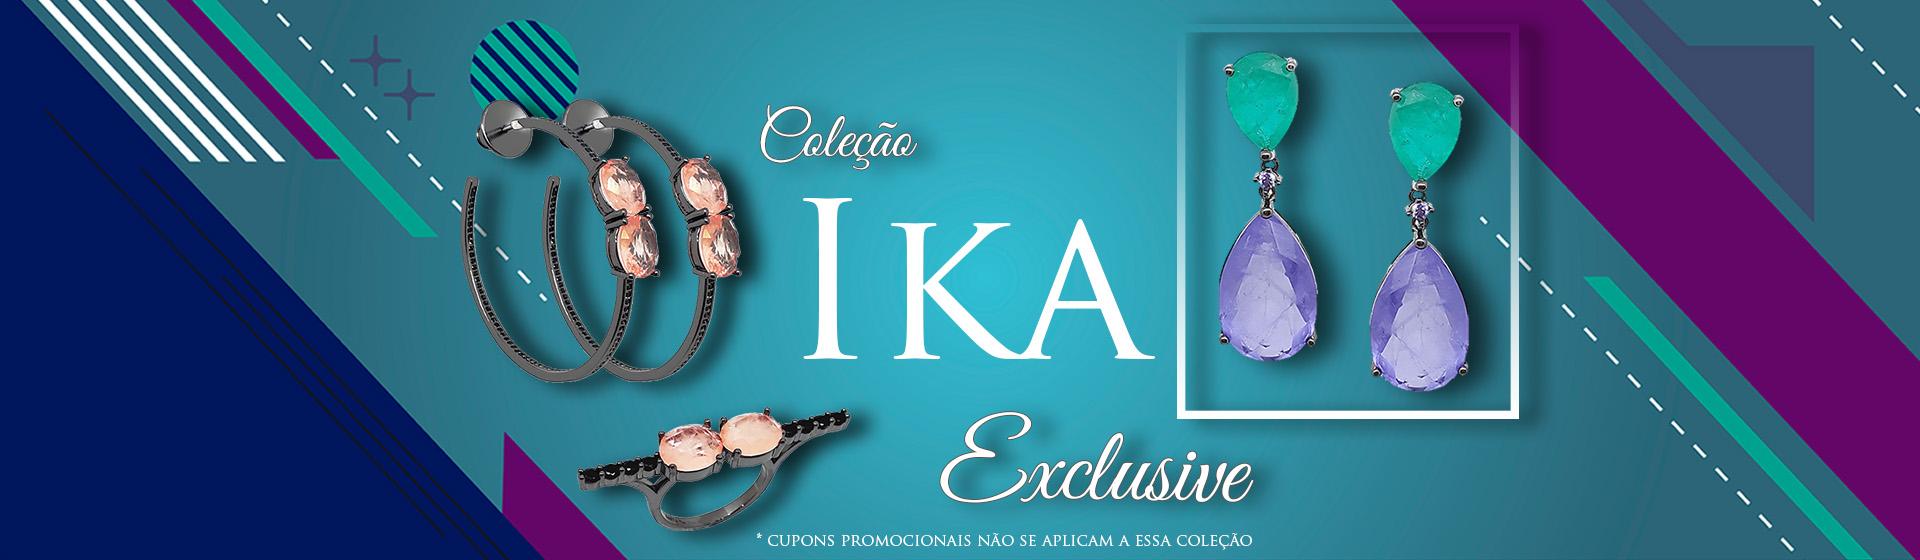 Ika Exclusive